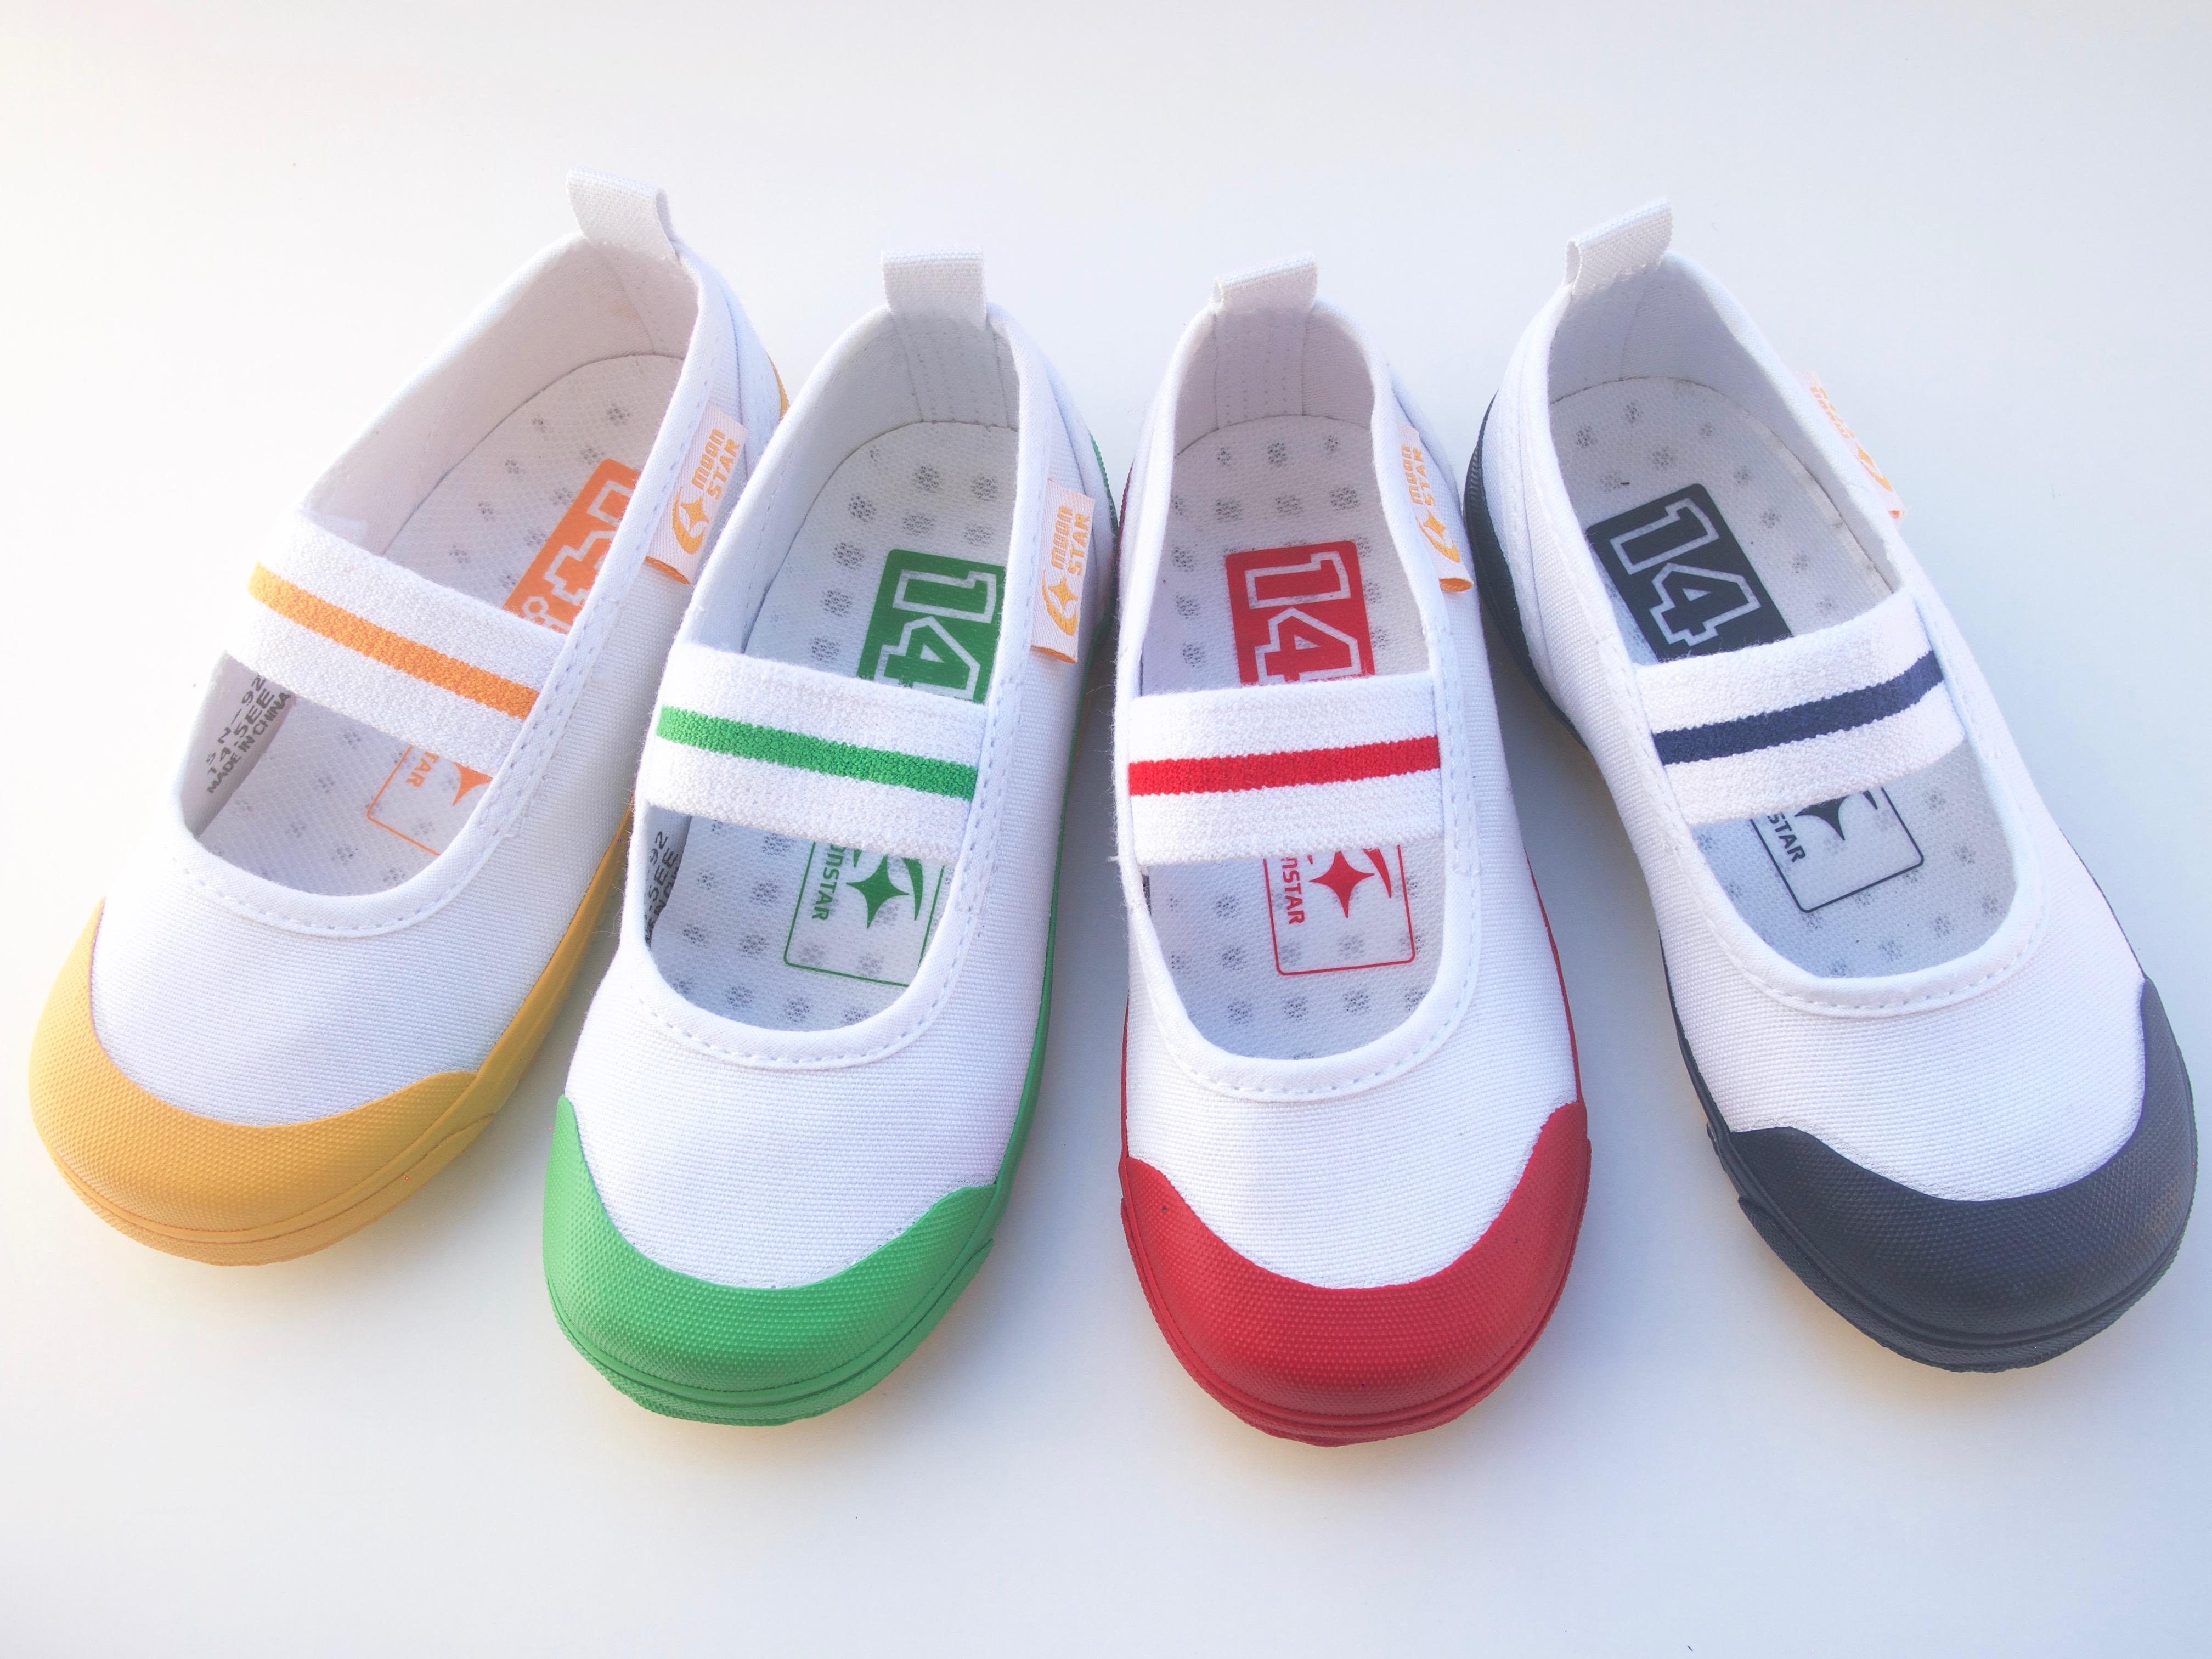 Japan Shop Schuhe Kinderschuhe Hausschuhe